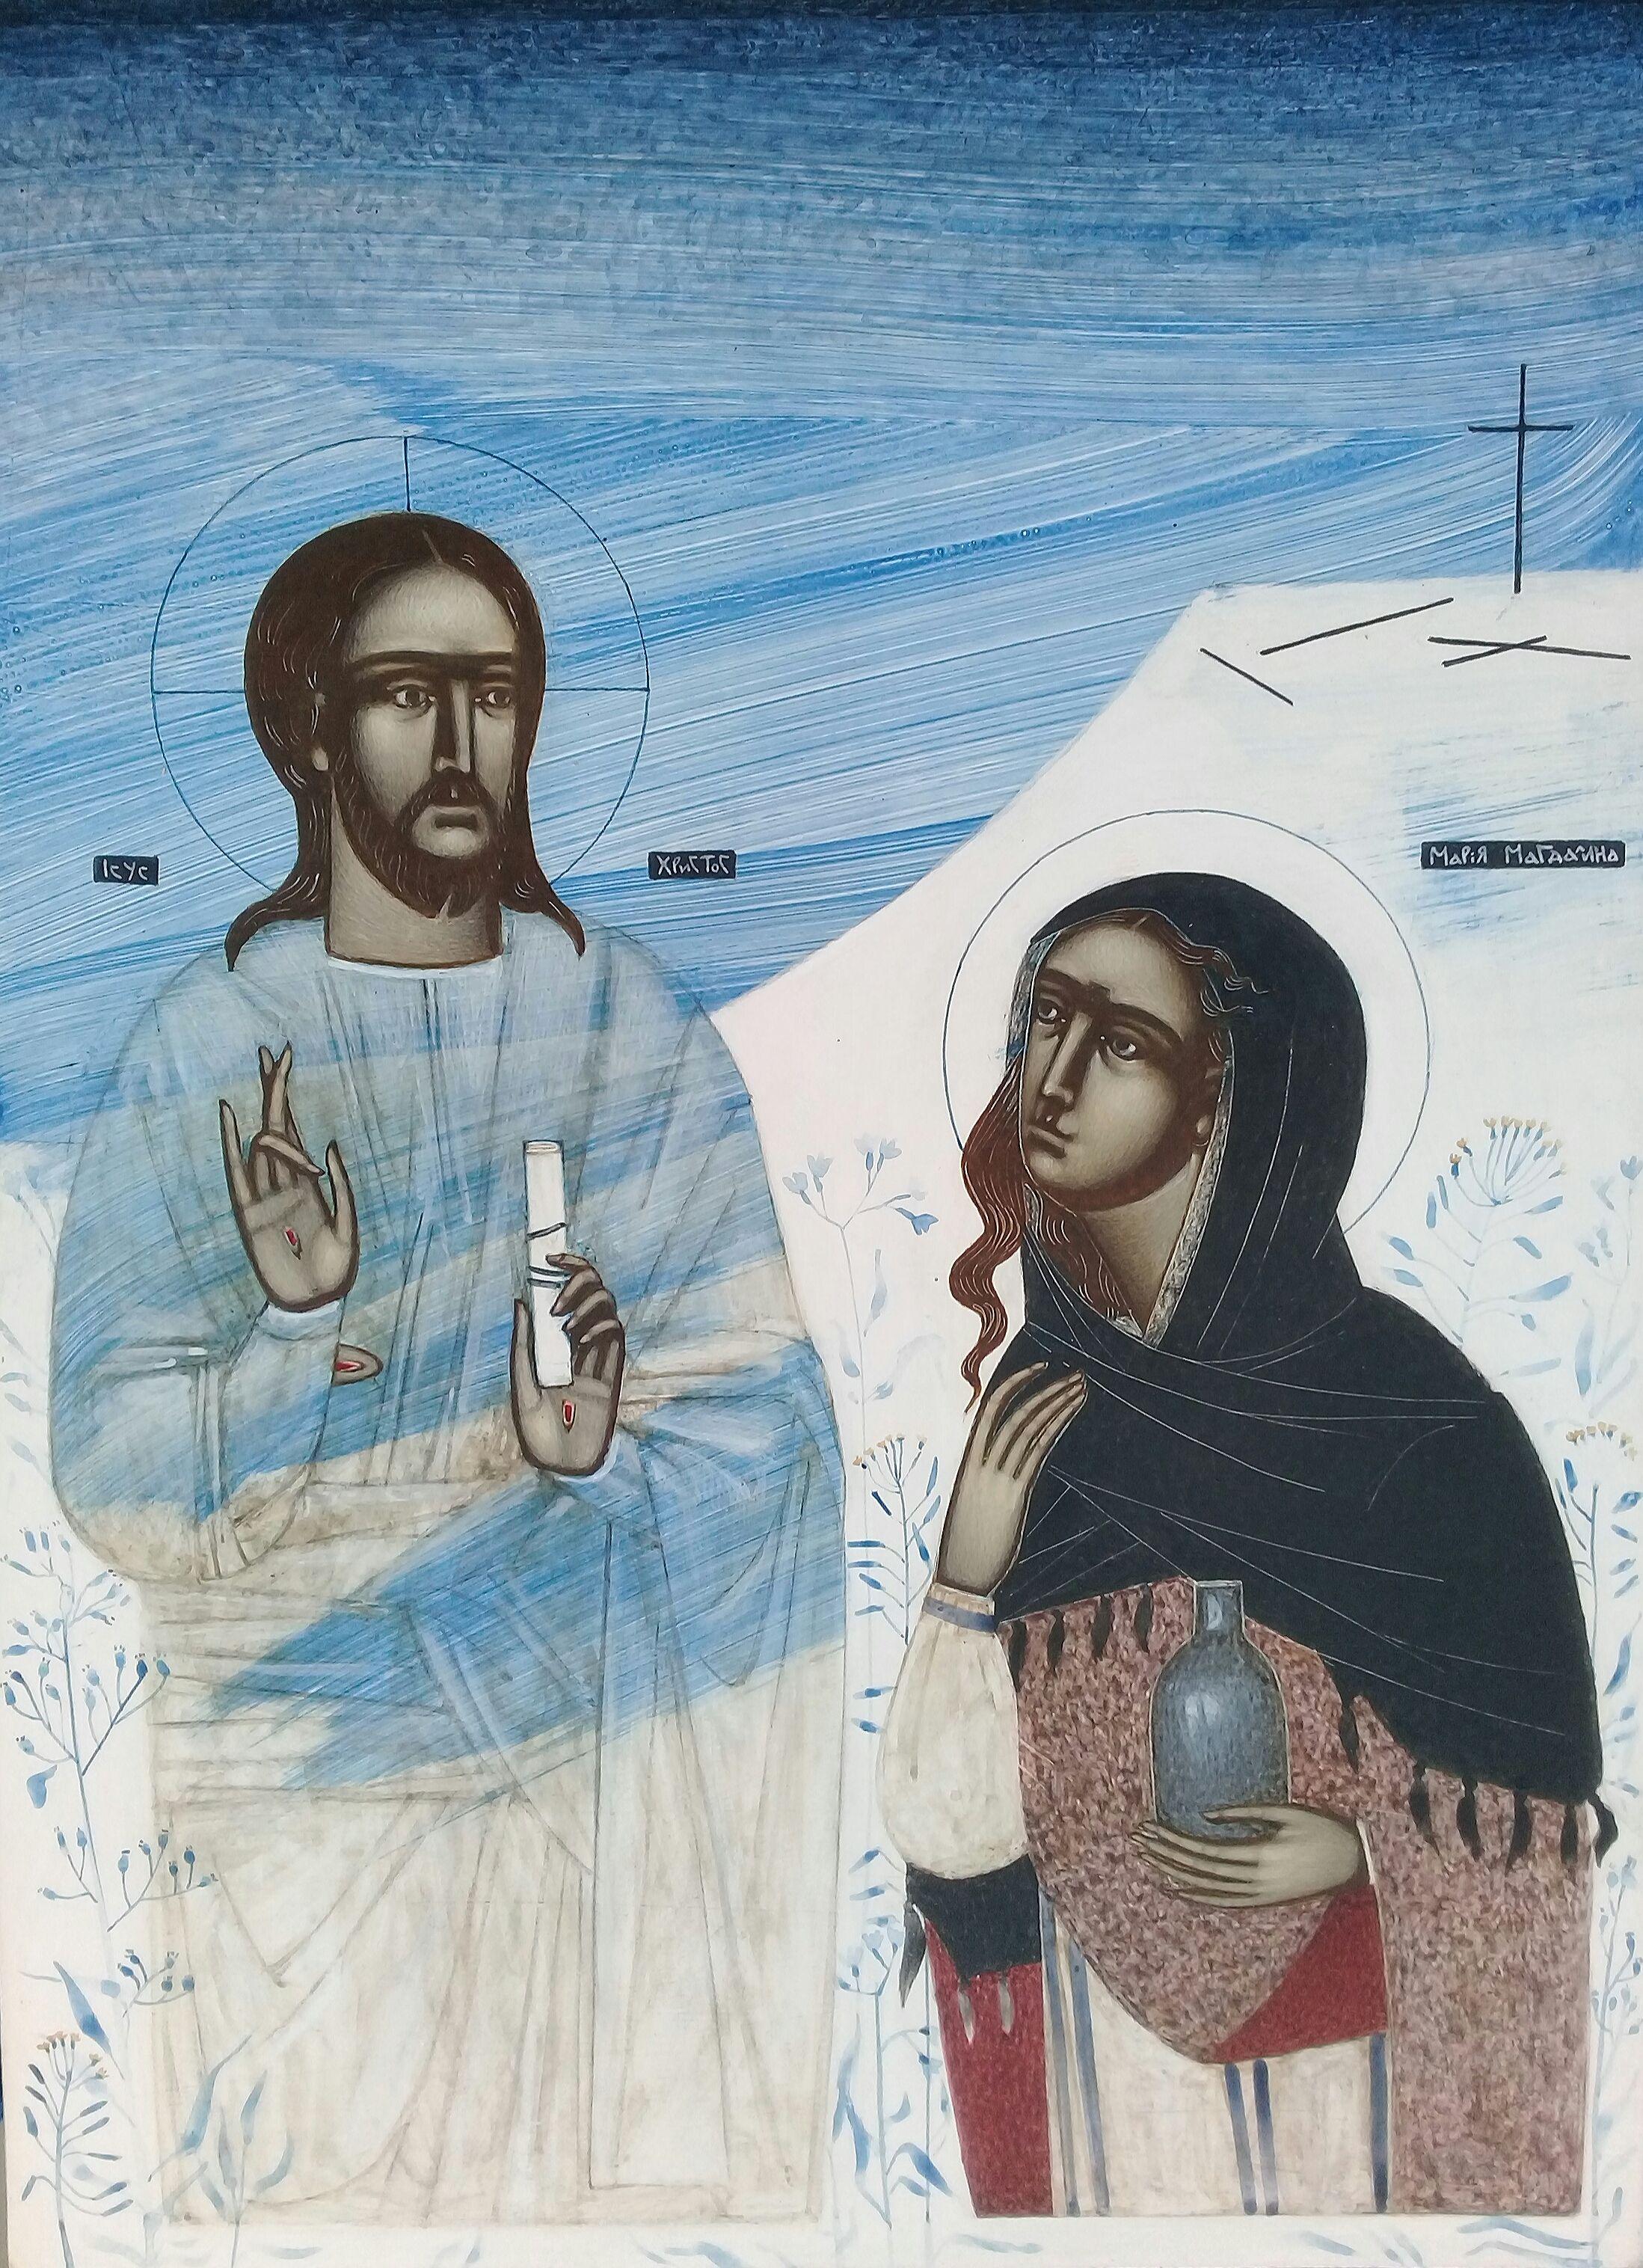 Катерина Кузів. Явлення воскреслого Ісуса Христа Марії Магдалині, 2020; дошка, левкас, жовткова темпера, 40х30